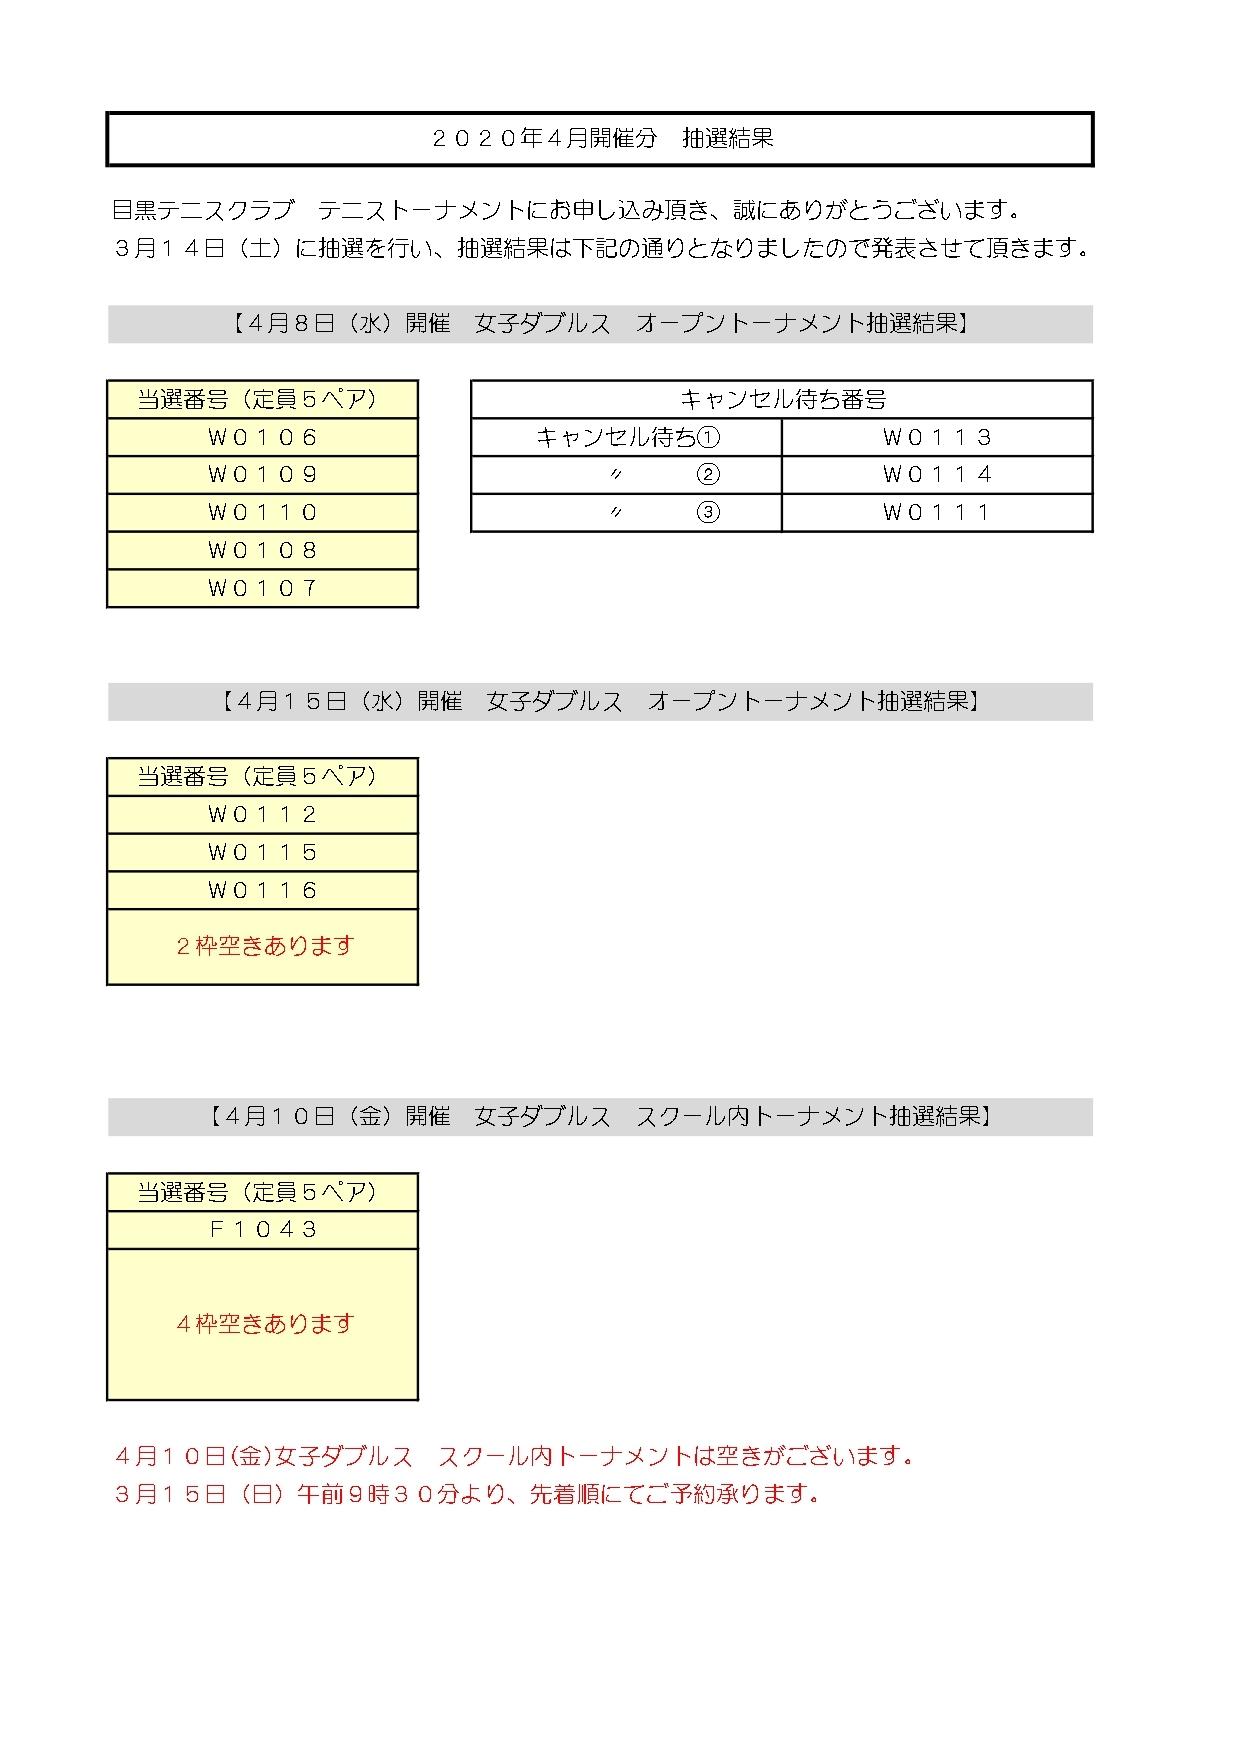 2020.4月トーナメント抽選結果_b0158200_15265293.jpg